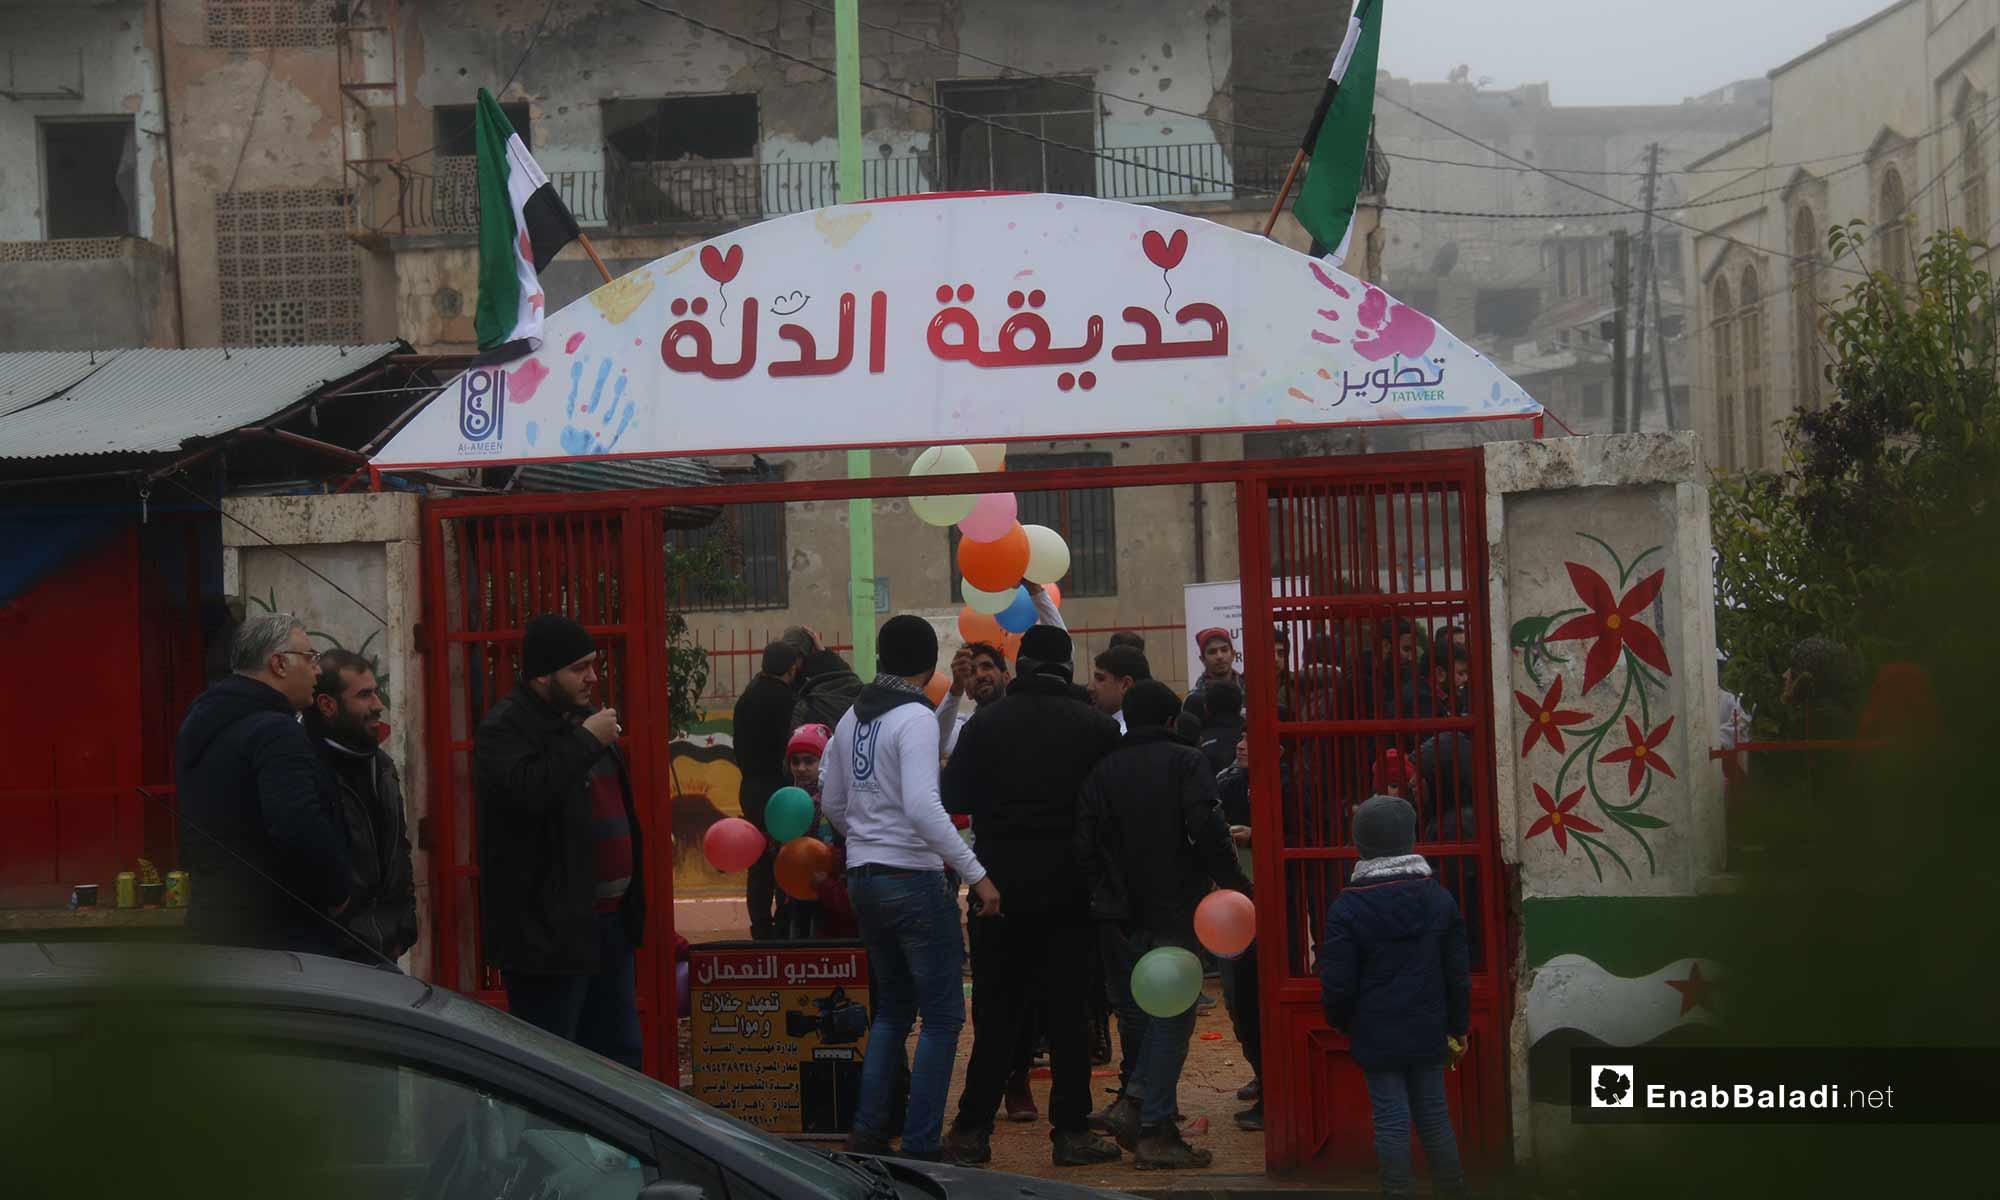 افتتاح حديقة الدلة في مدينة معرة النعمان بريف إدلب - 18 من كانون الأول 2018 (عنب بلدي)